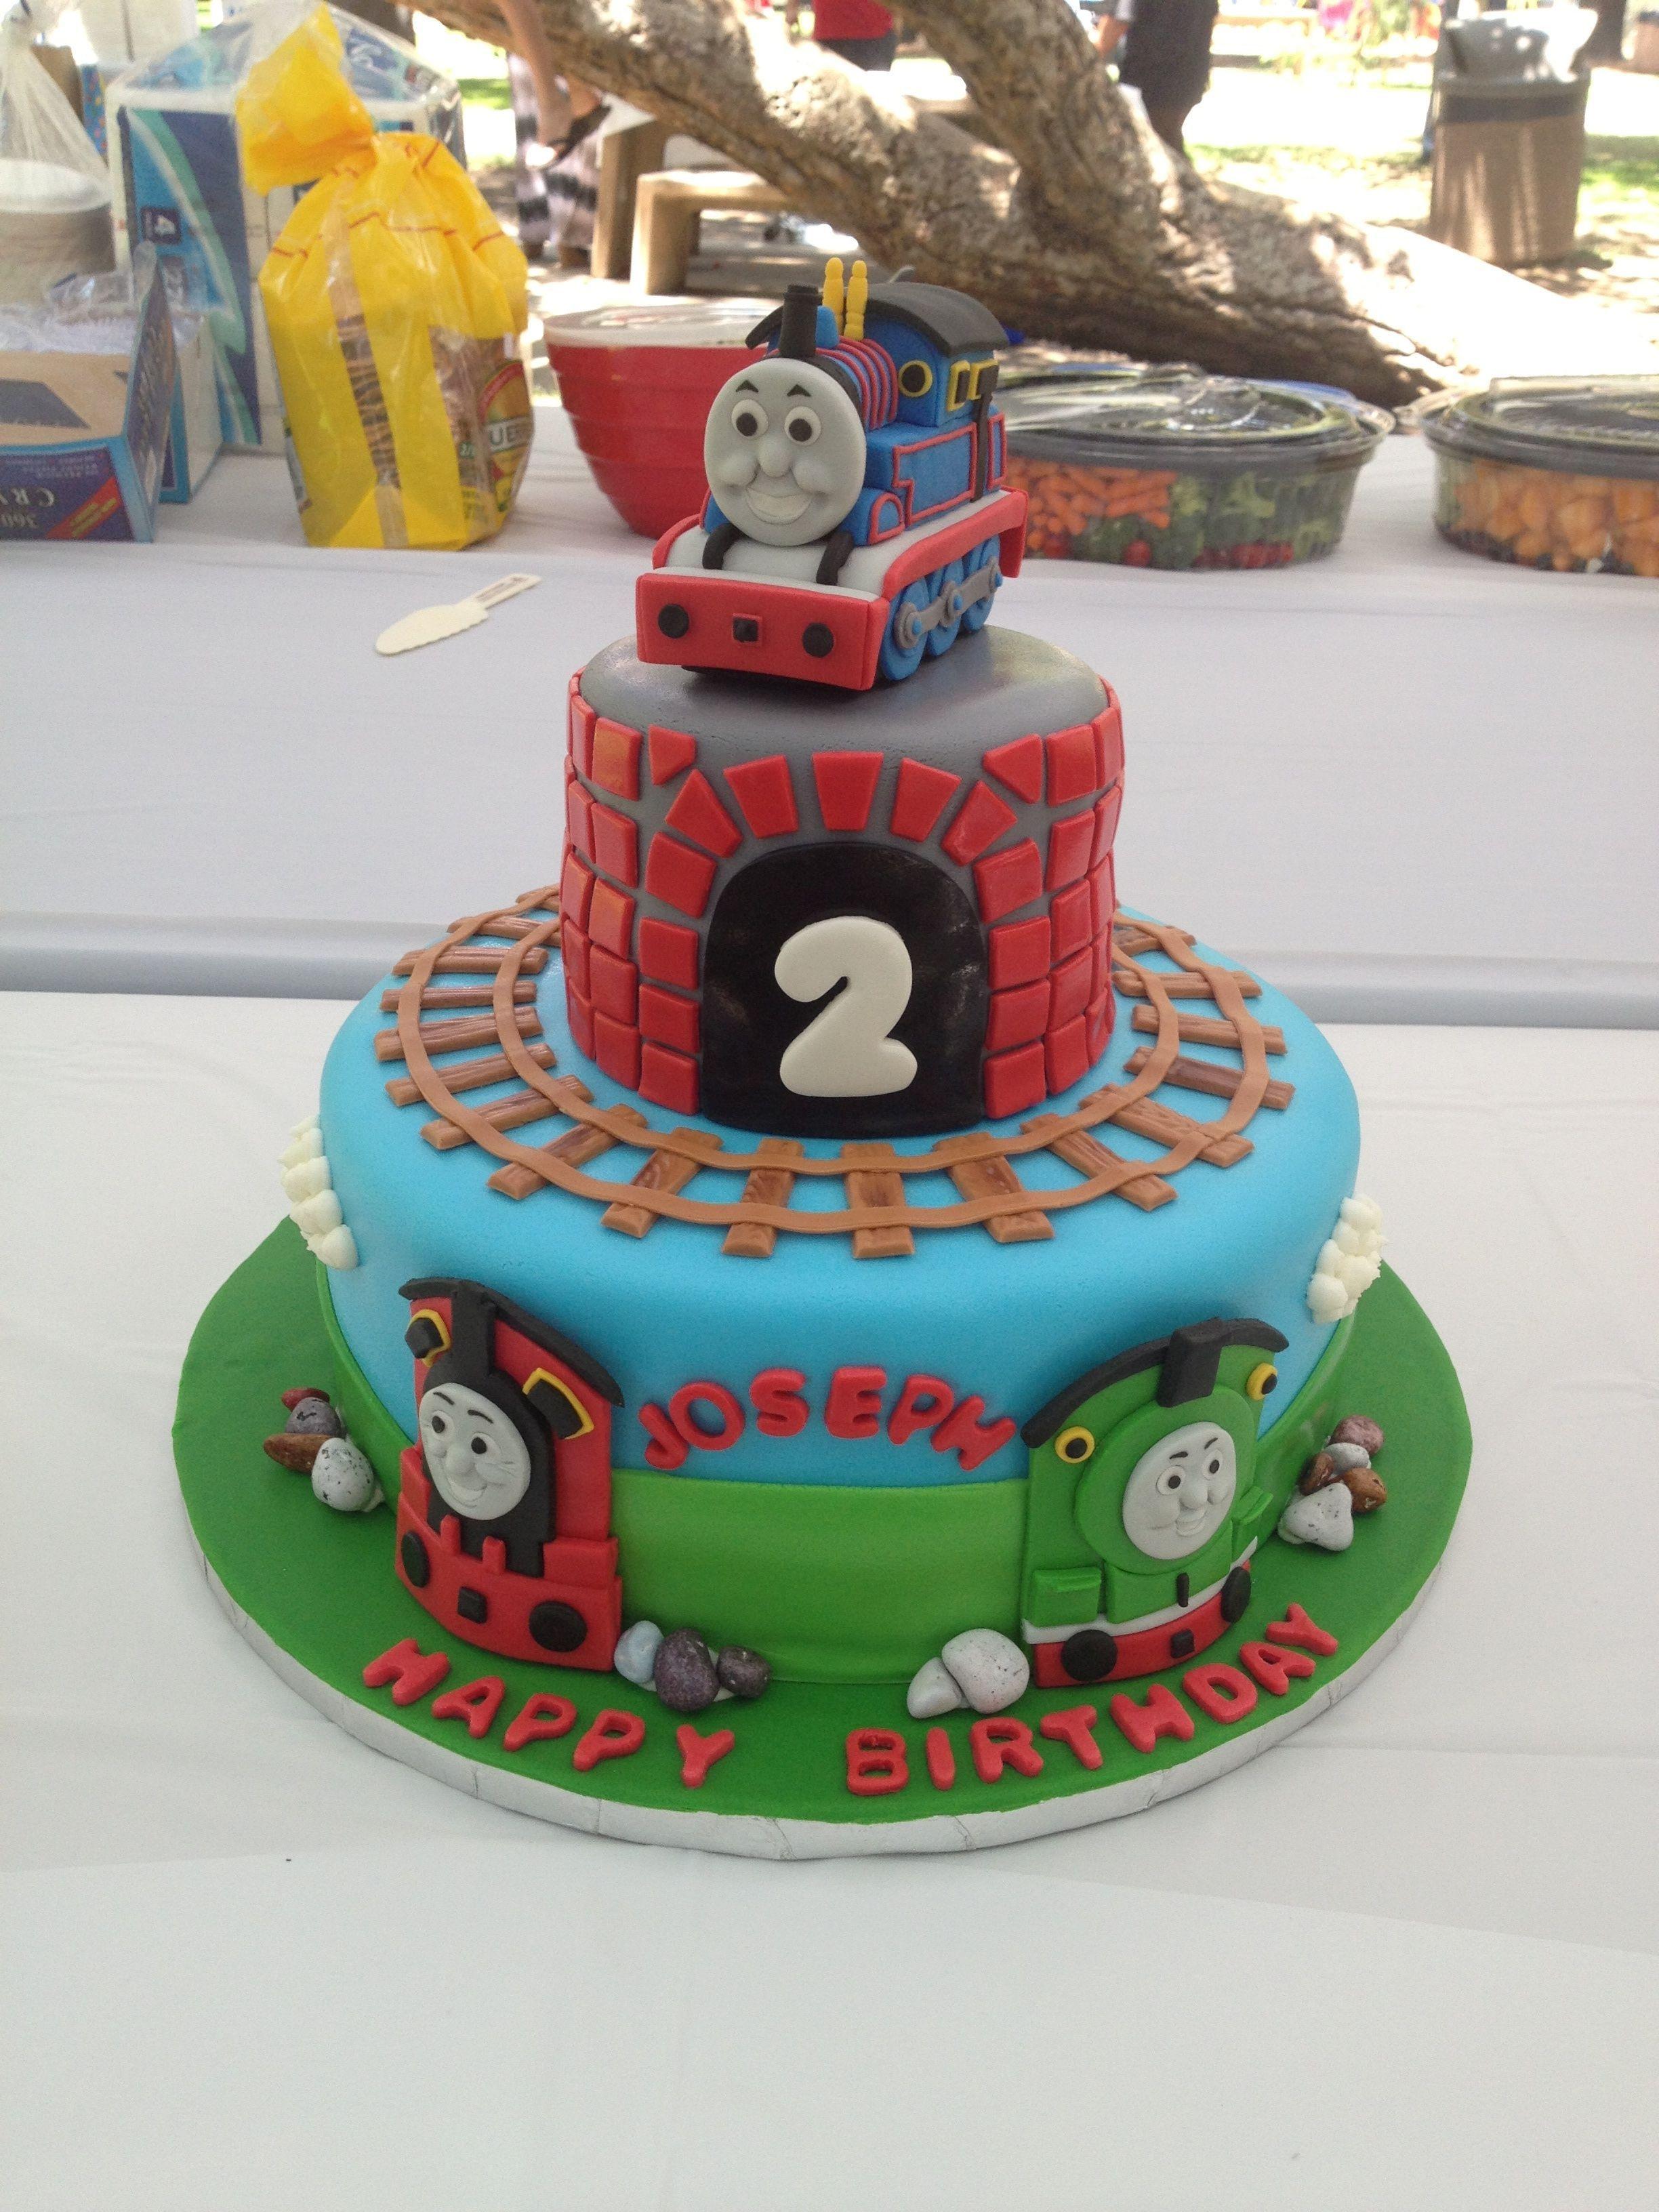 Stupendous Thomas The Train Fondant Thomas Birthday Cakes Train Birthday Funny Birthday Cards Online Eattedamsfinfo